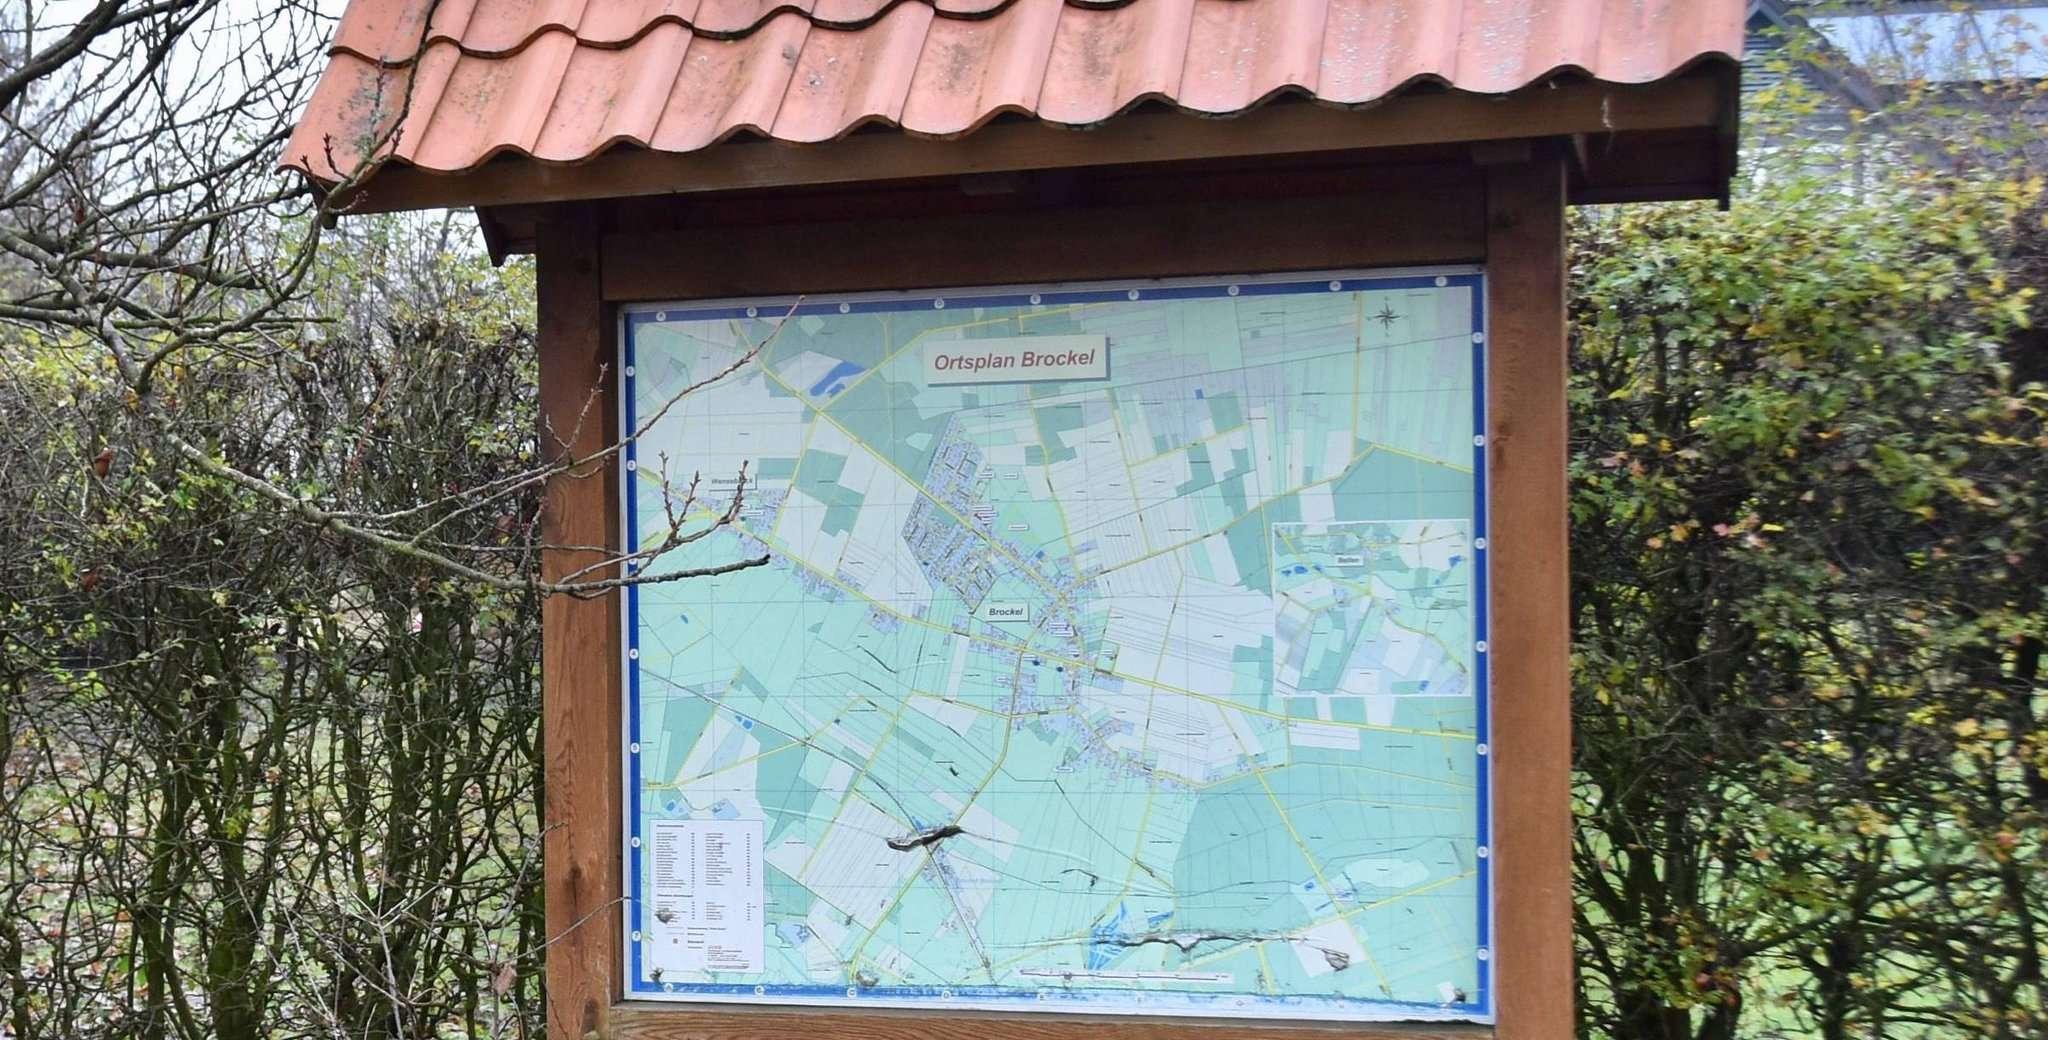 Viel Grün umgibt die Gemeinde u2013 und das will auch gepflegt werden. Foto: Judith Tausendfreund